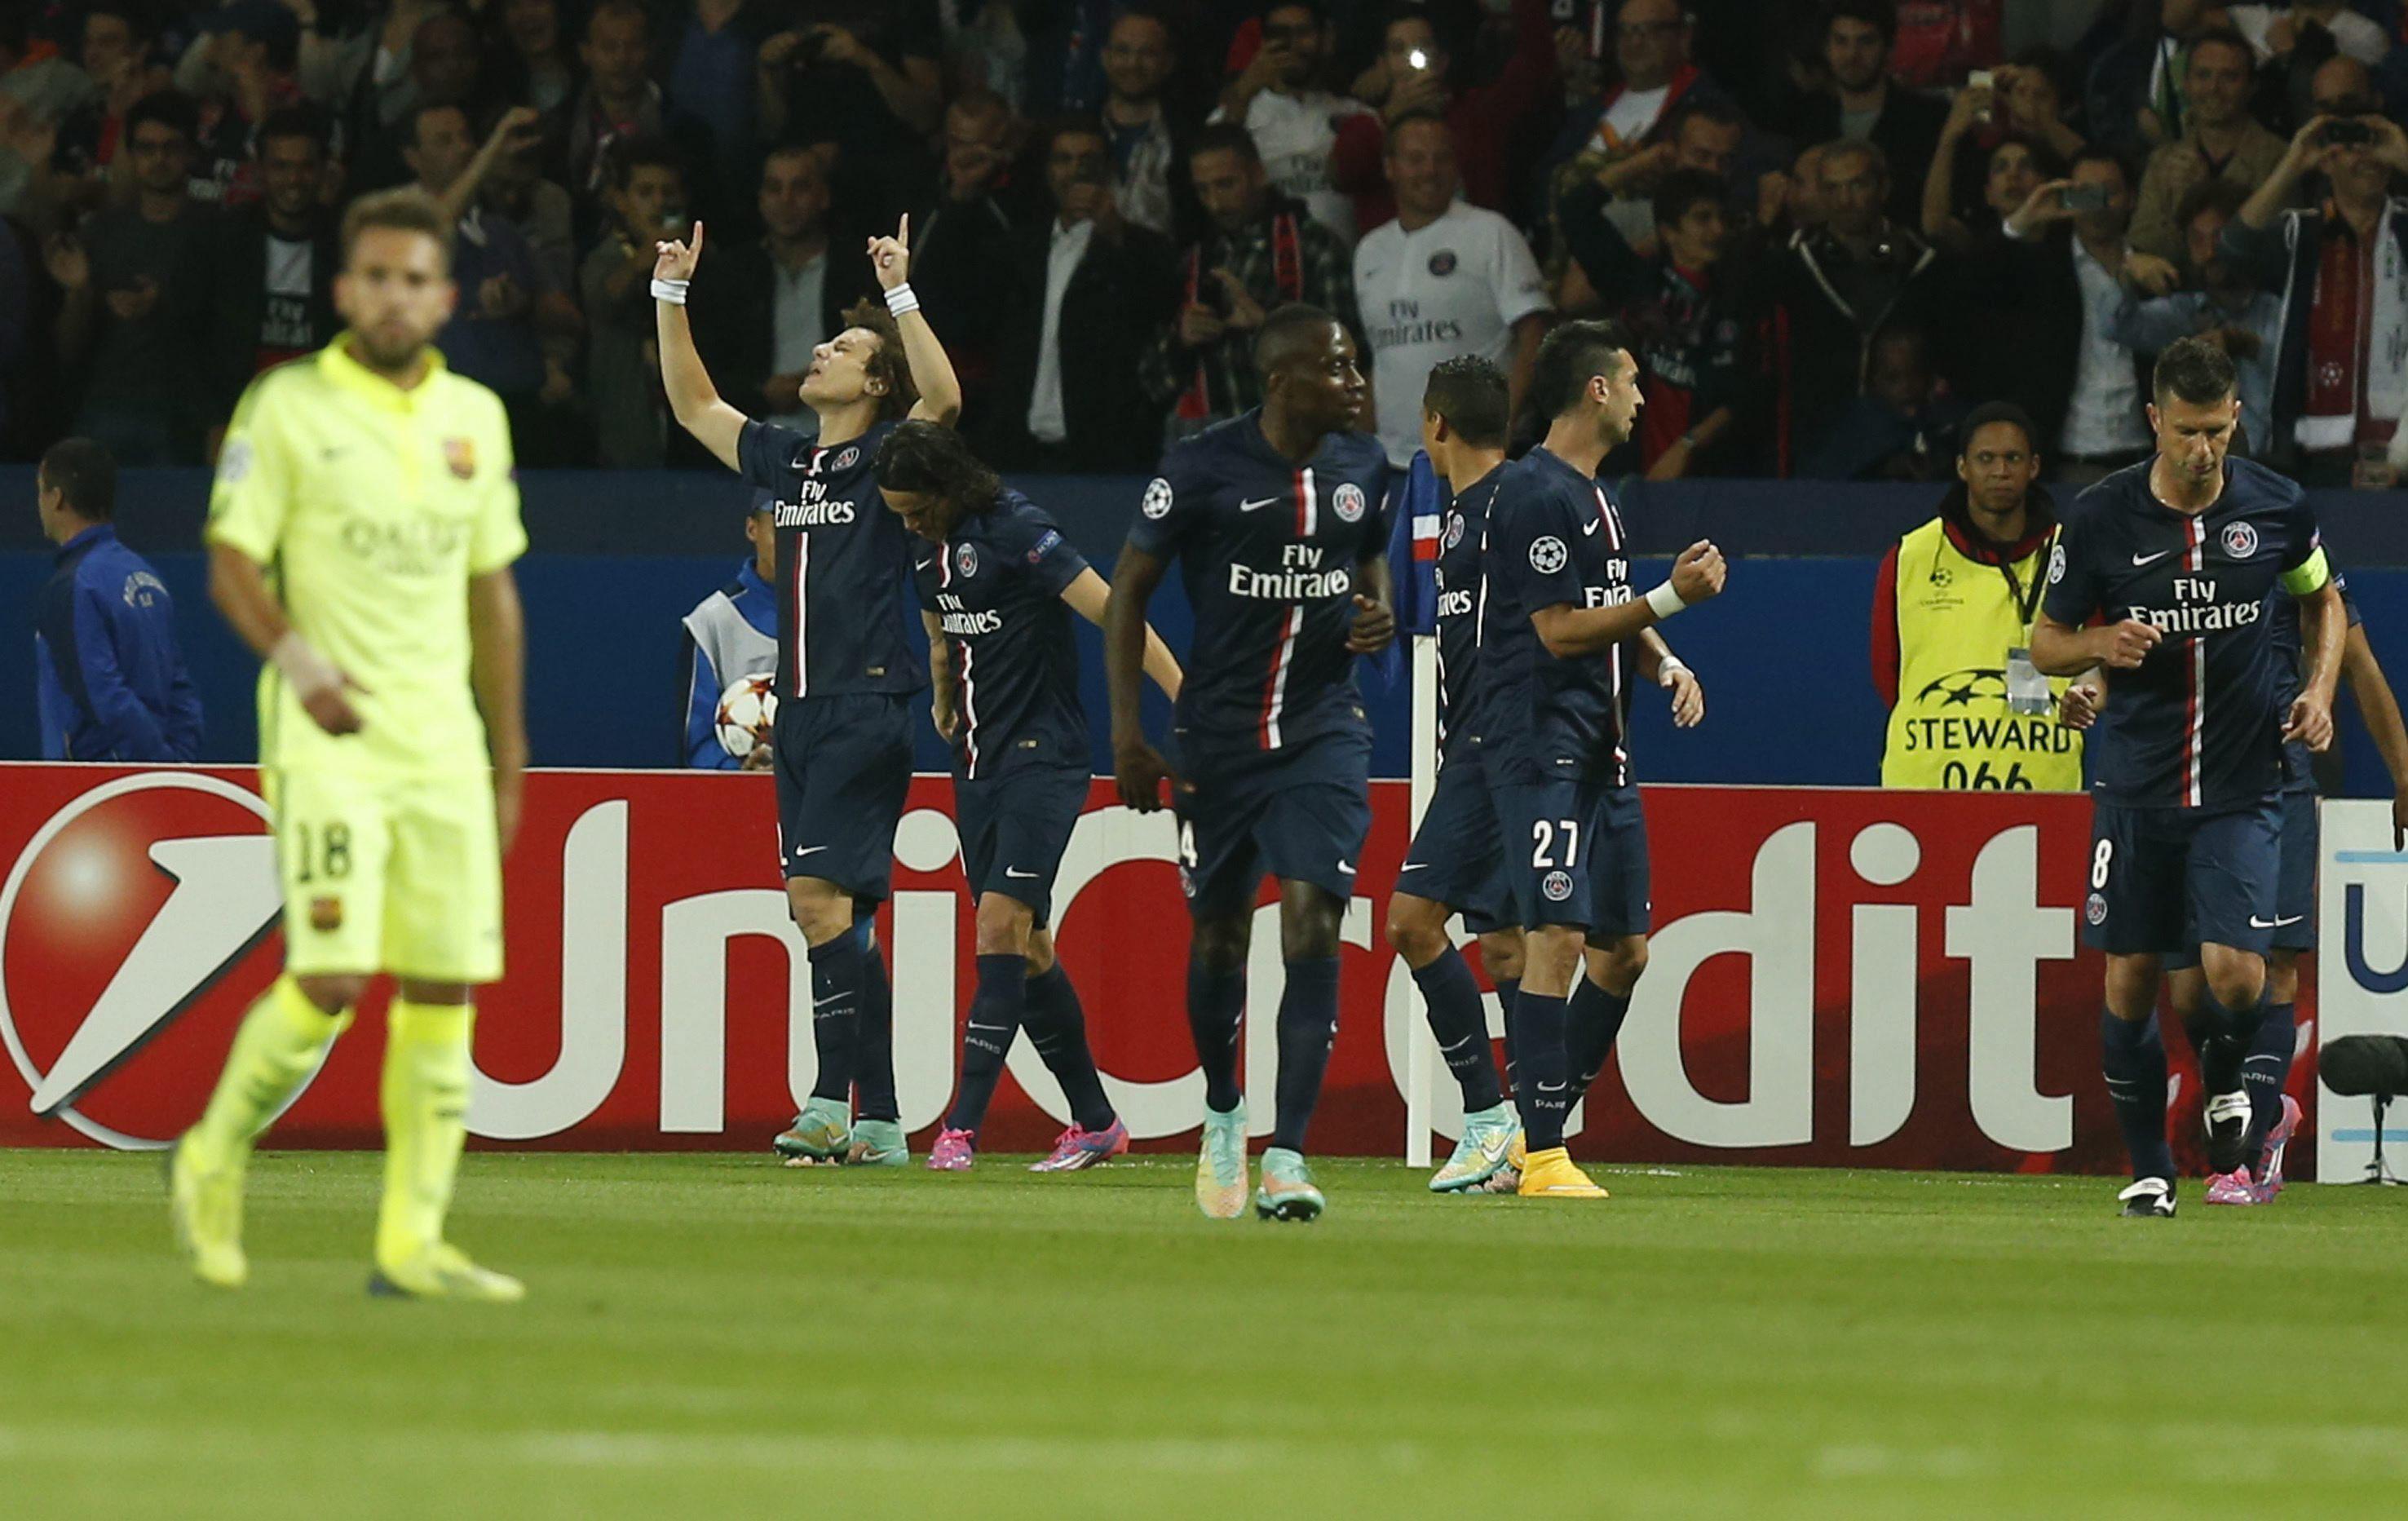 El jugador del París Saint-Germain David Luiz (2i), celebra con sus compañeros el gol conseguido ante el FC Barcelona. Foto: EFE